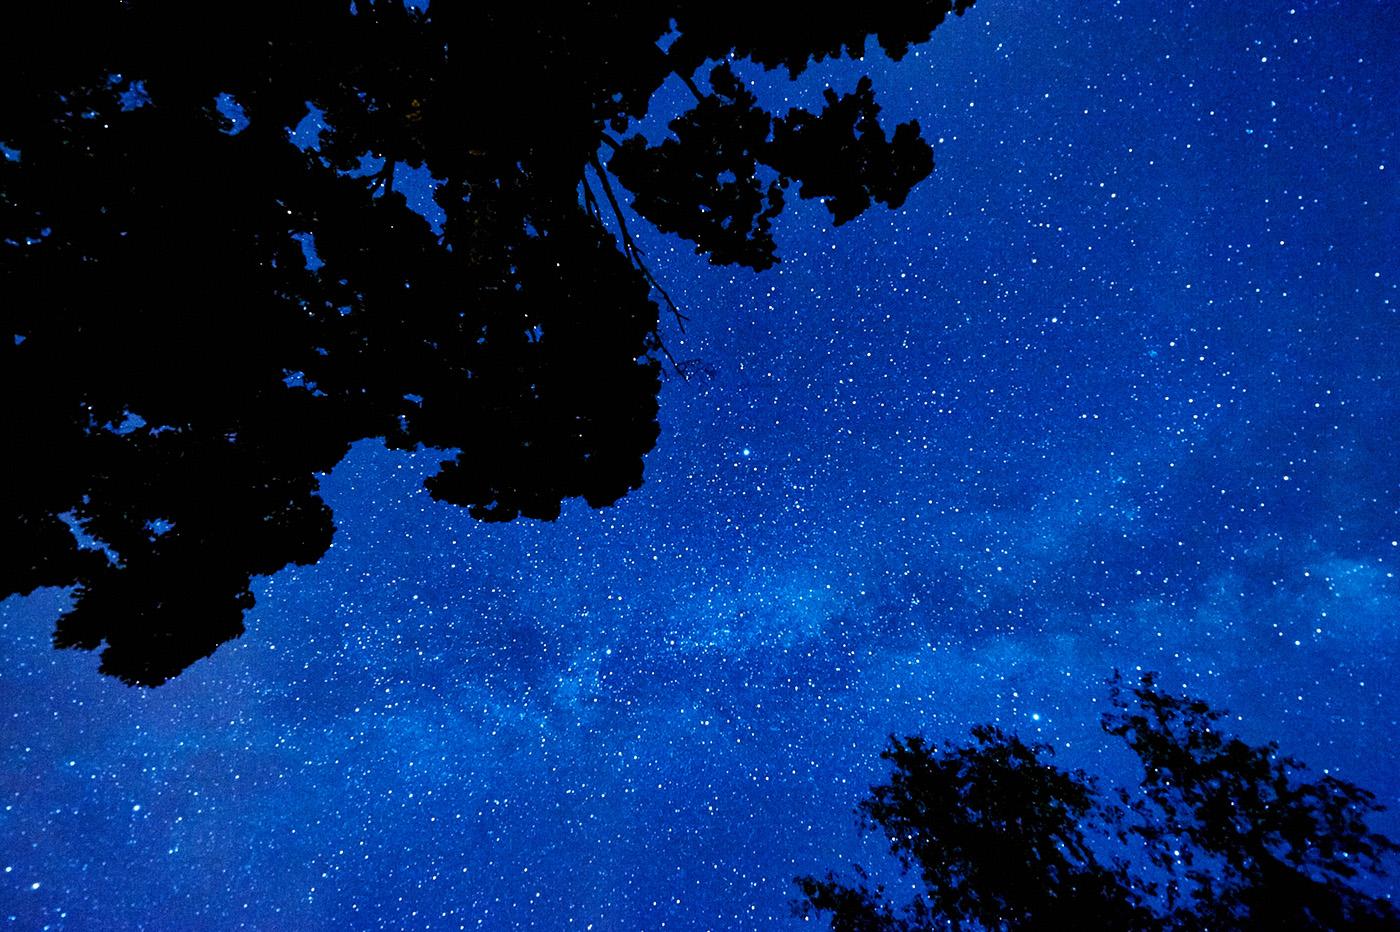 Milky Way and Night Sky, Hamilton, New York